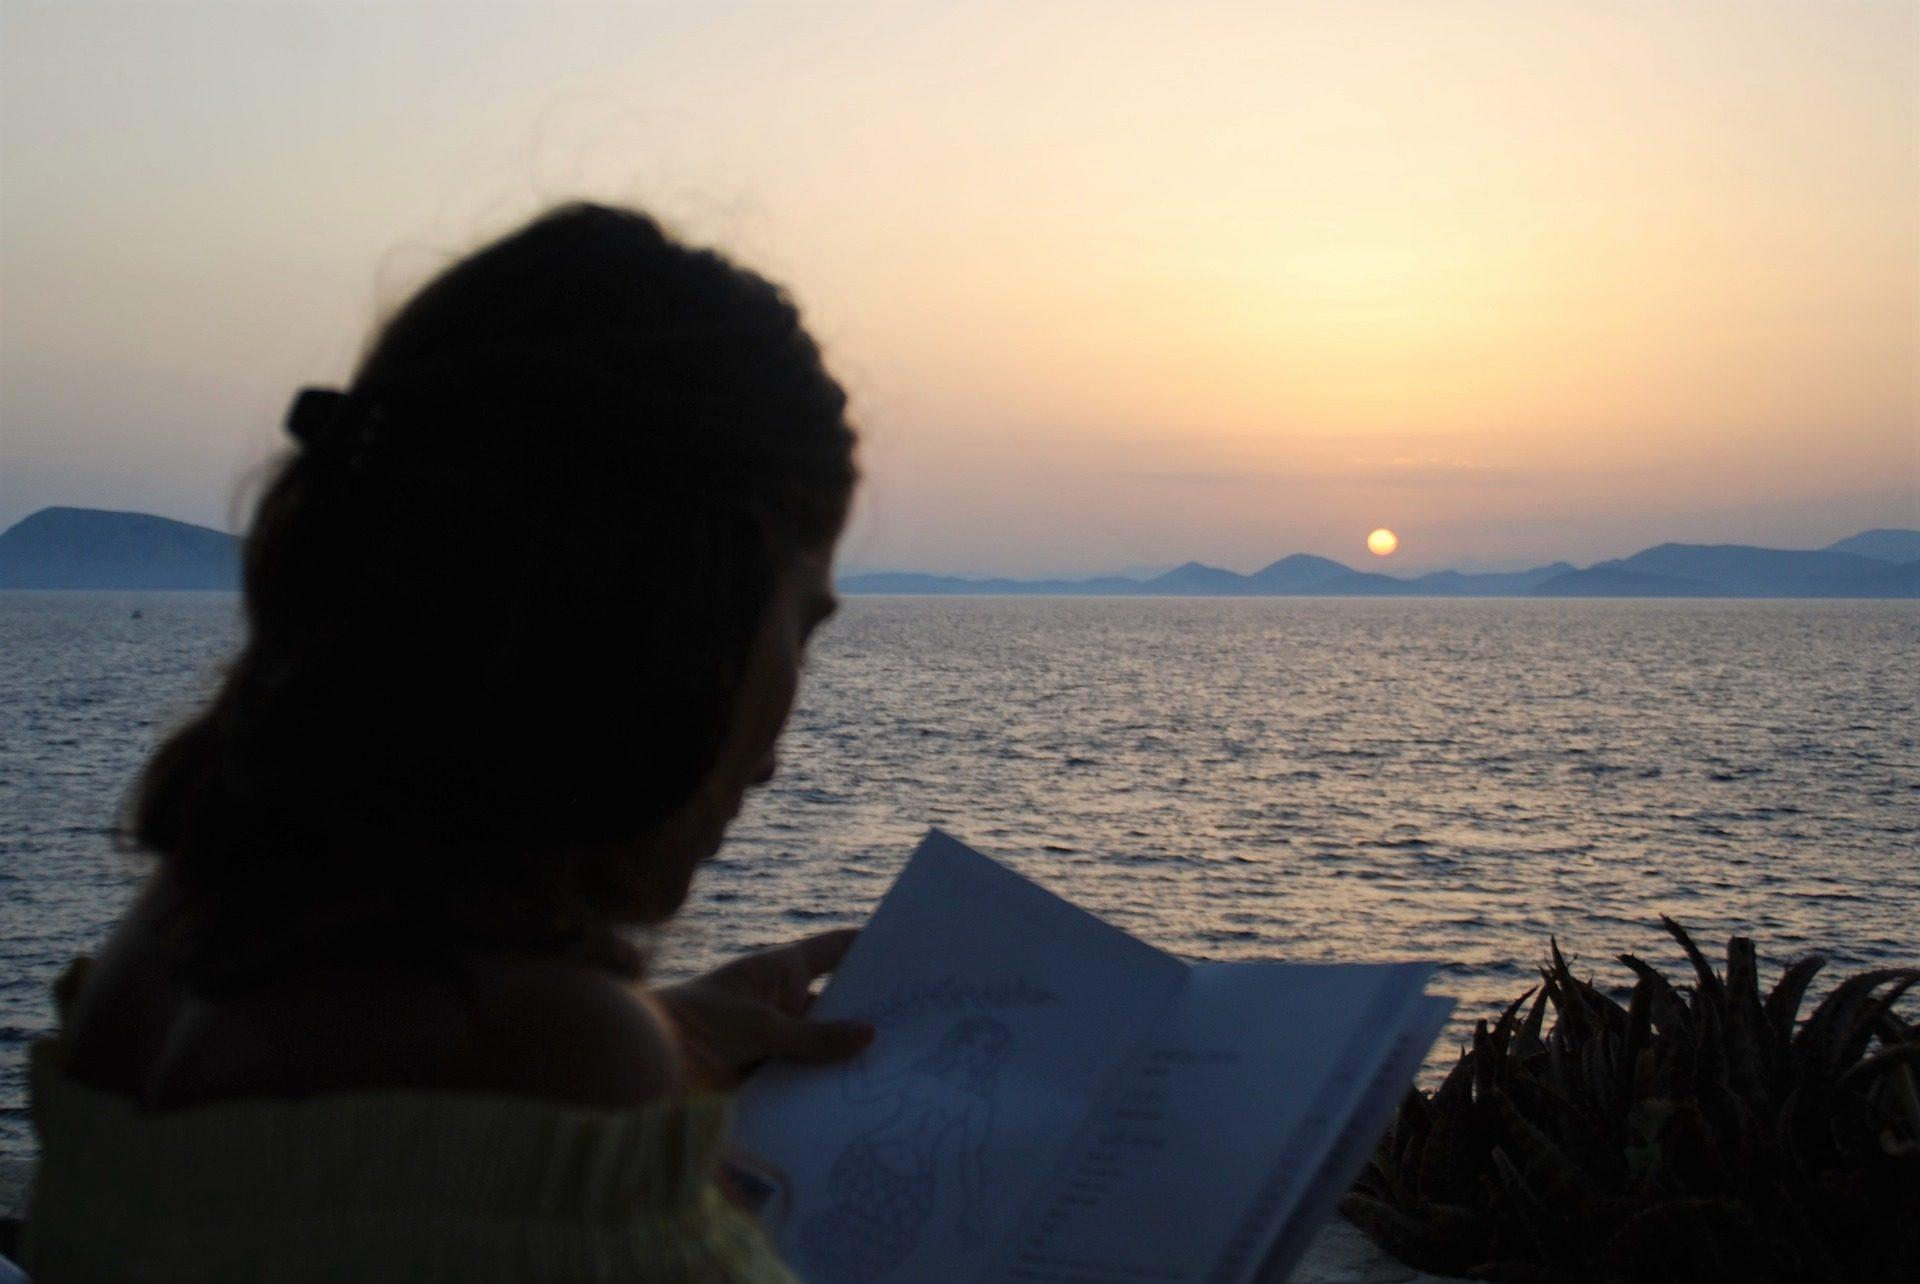 امرأة, كتاب, قراءة, غروب الشمس, البحر, الأفق - خلفيات عالية الدقة - أستاذ falken.com